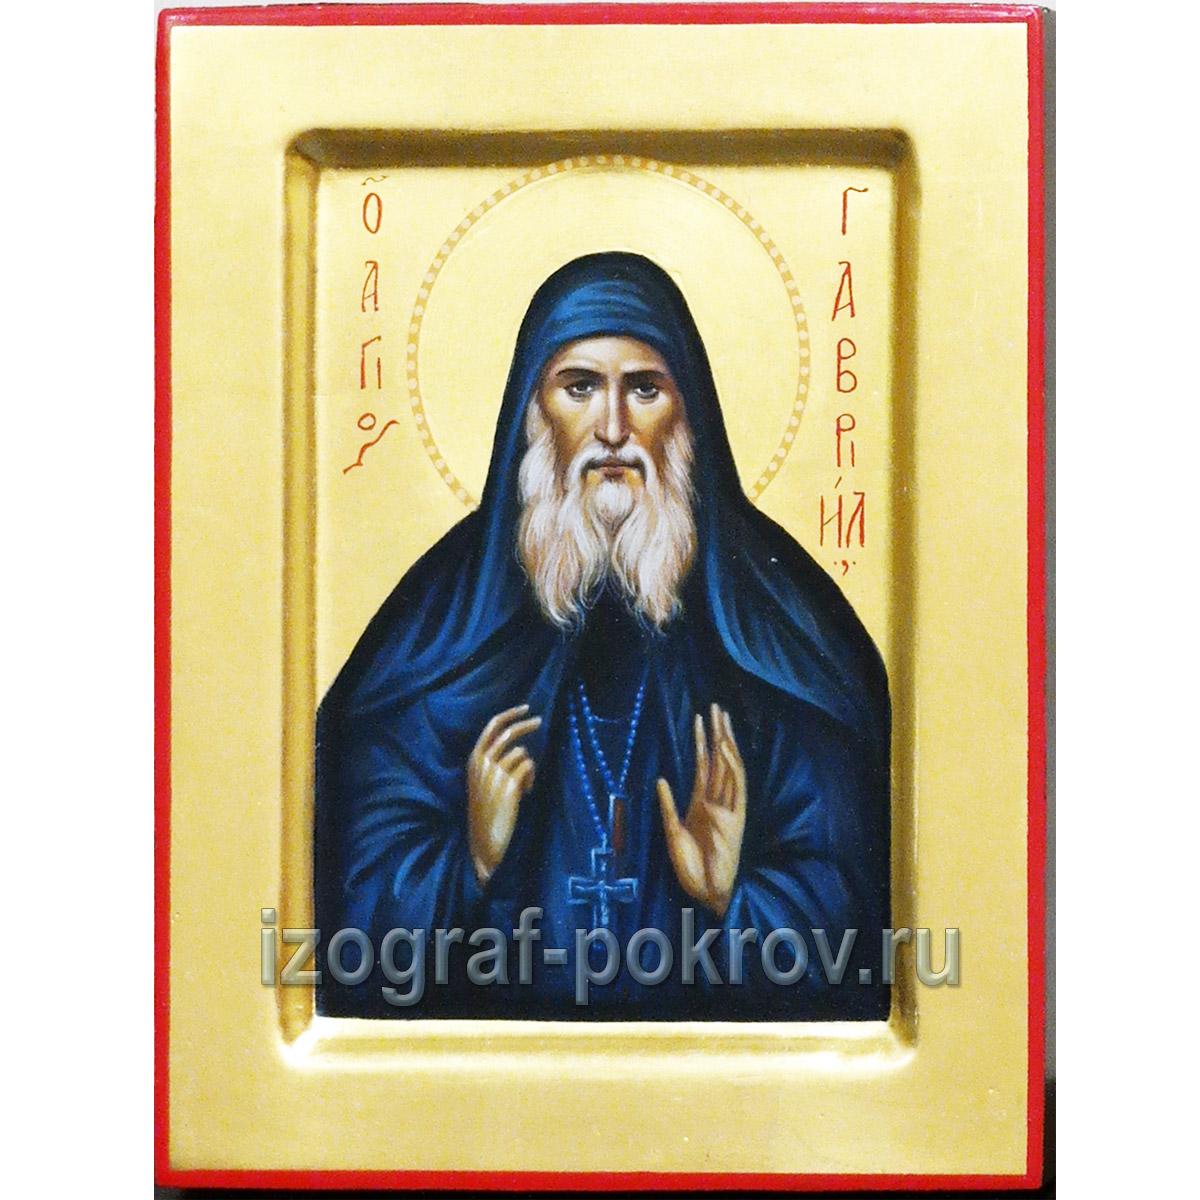 Икона Гавриила Ургебадзе написанная по заказу в иконописной мастерской Покров